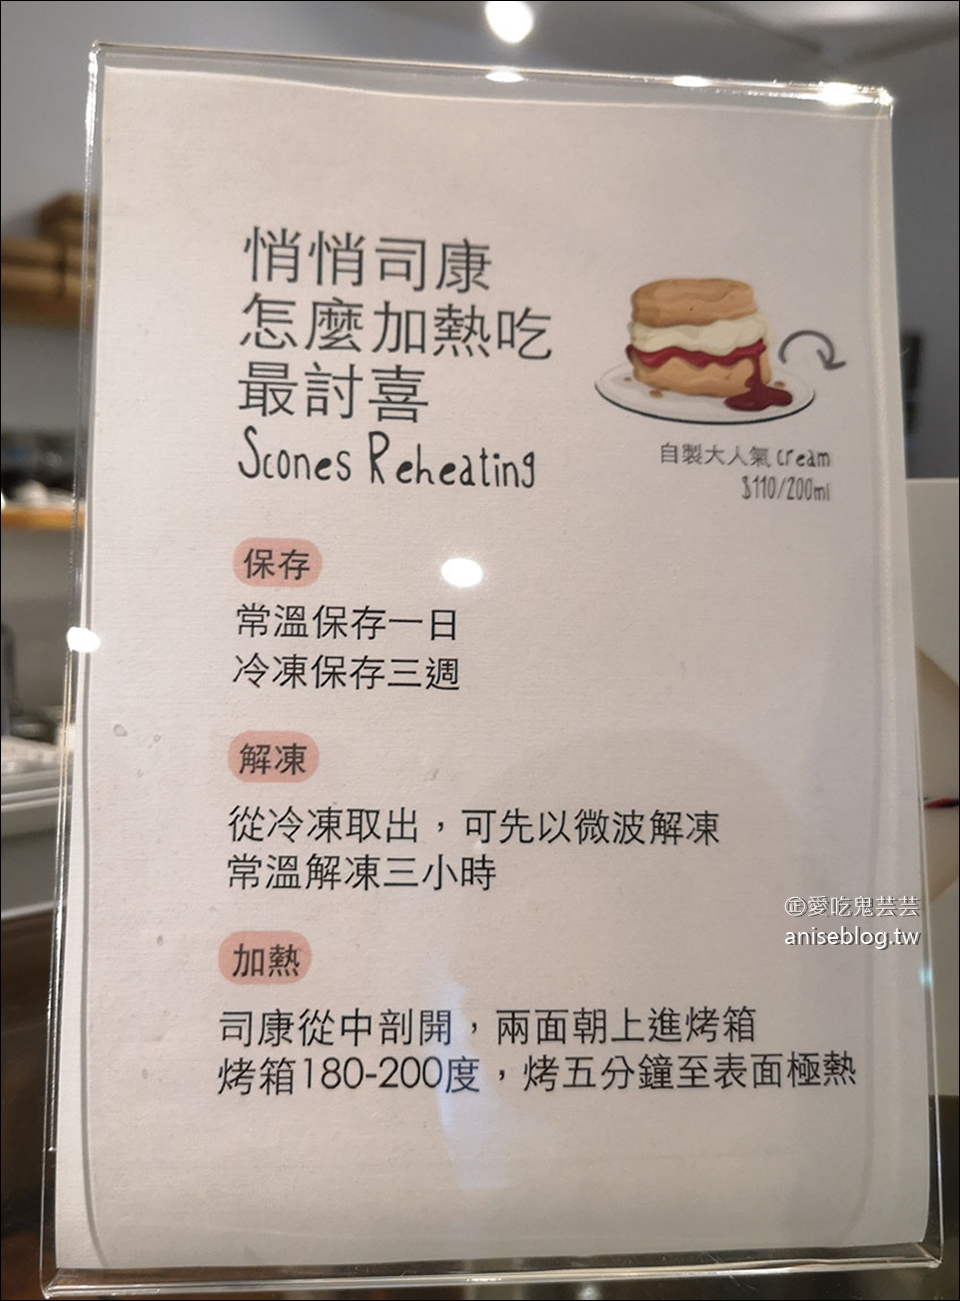 悄悄好食杭州南店舖,傳說中台北No.1 SCONE  (文末有菜單)